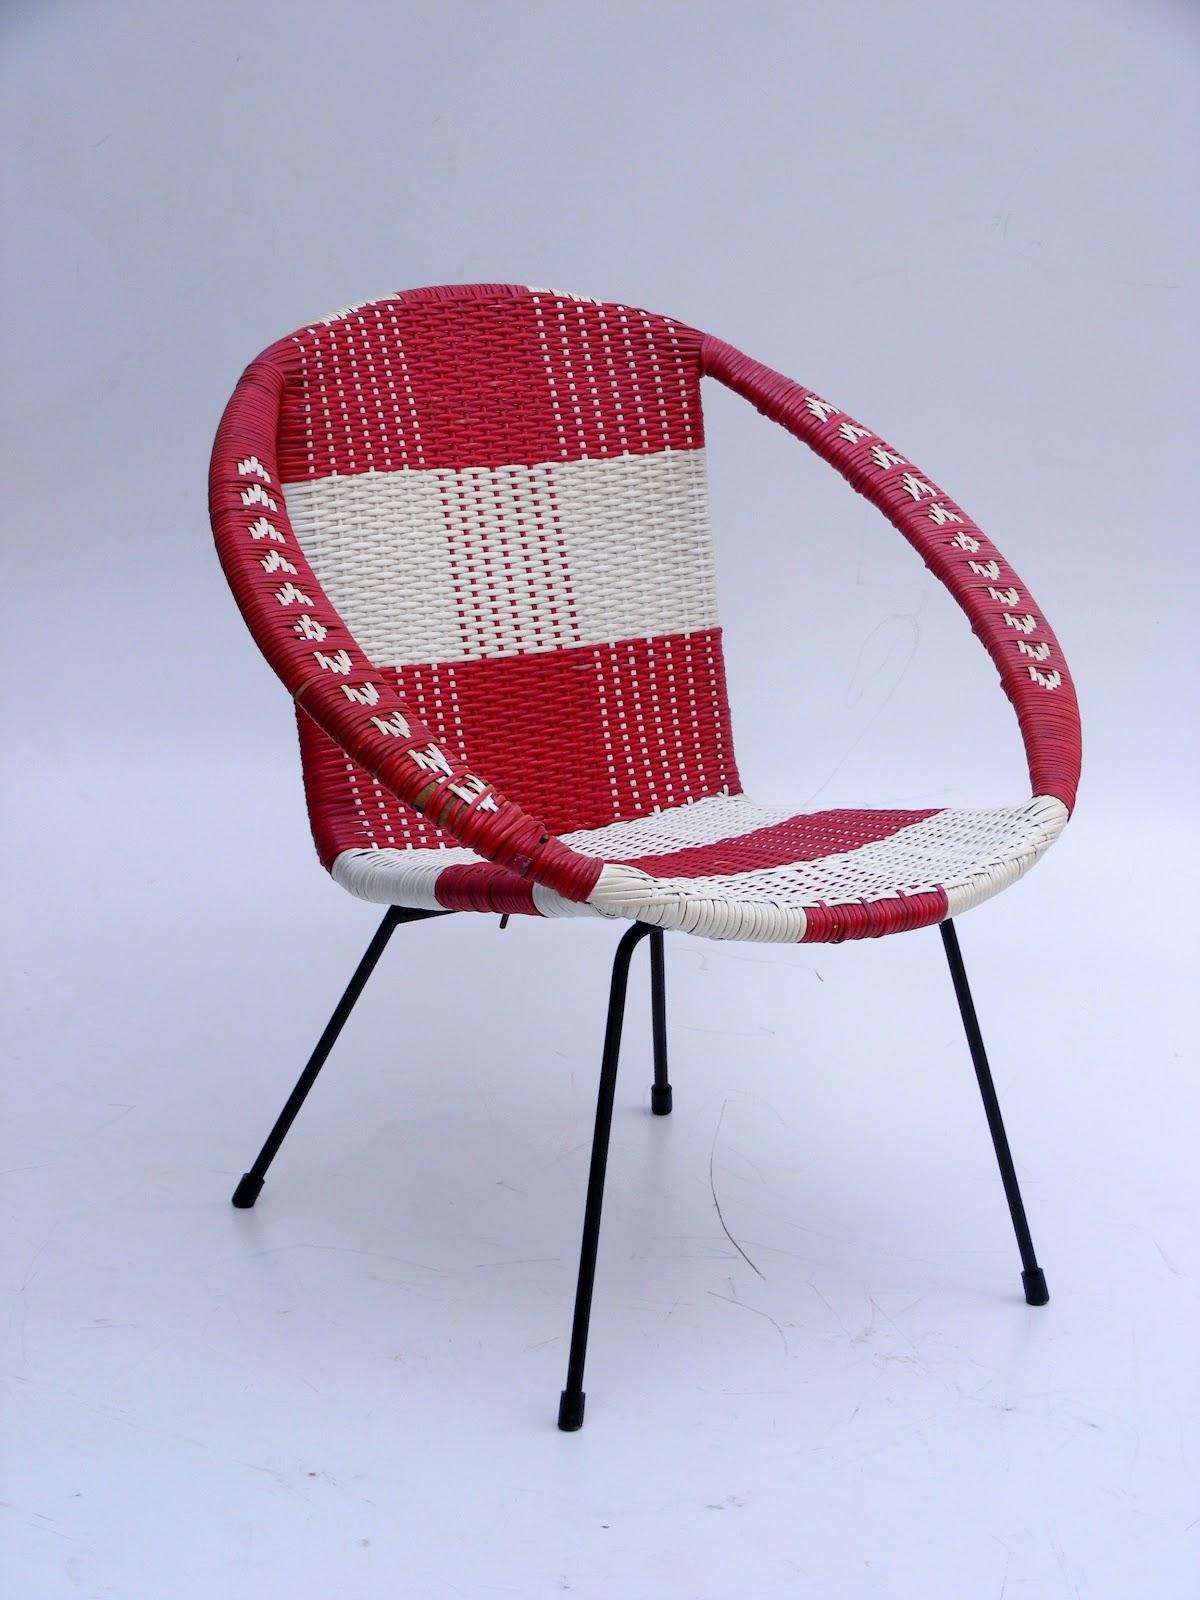 VAMP FURNITURE this weeks new vintage furniture at Vamp